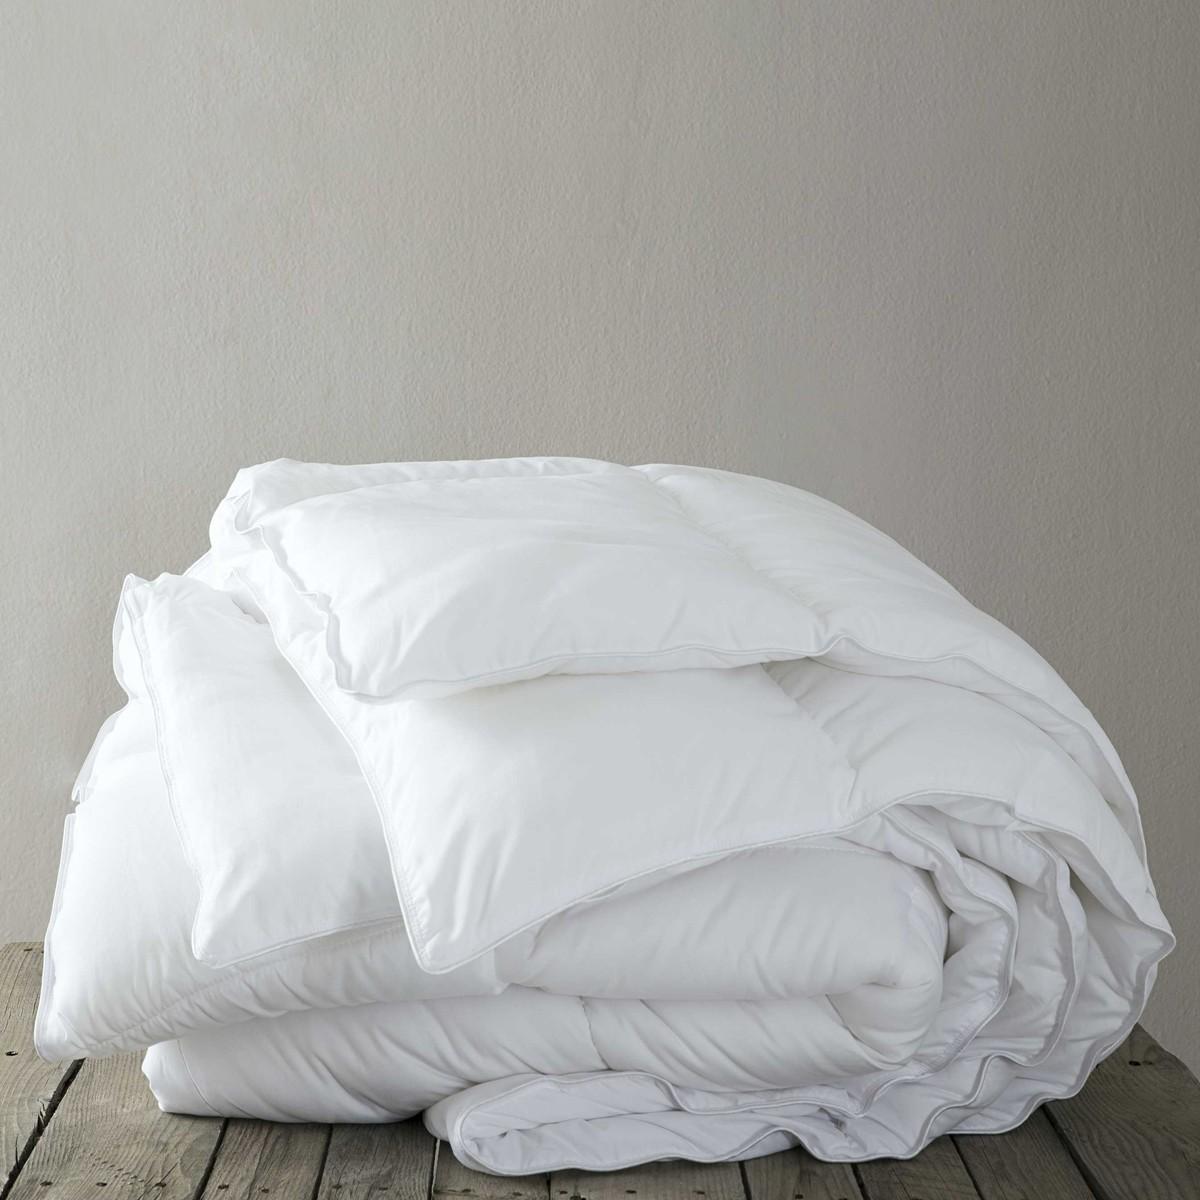 Πάπλωμα Υπέρδιπλο Nima Edredon Balance home   κρεβατοκάμαρα   παπλώματα   παπλώματα λευκά